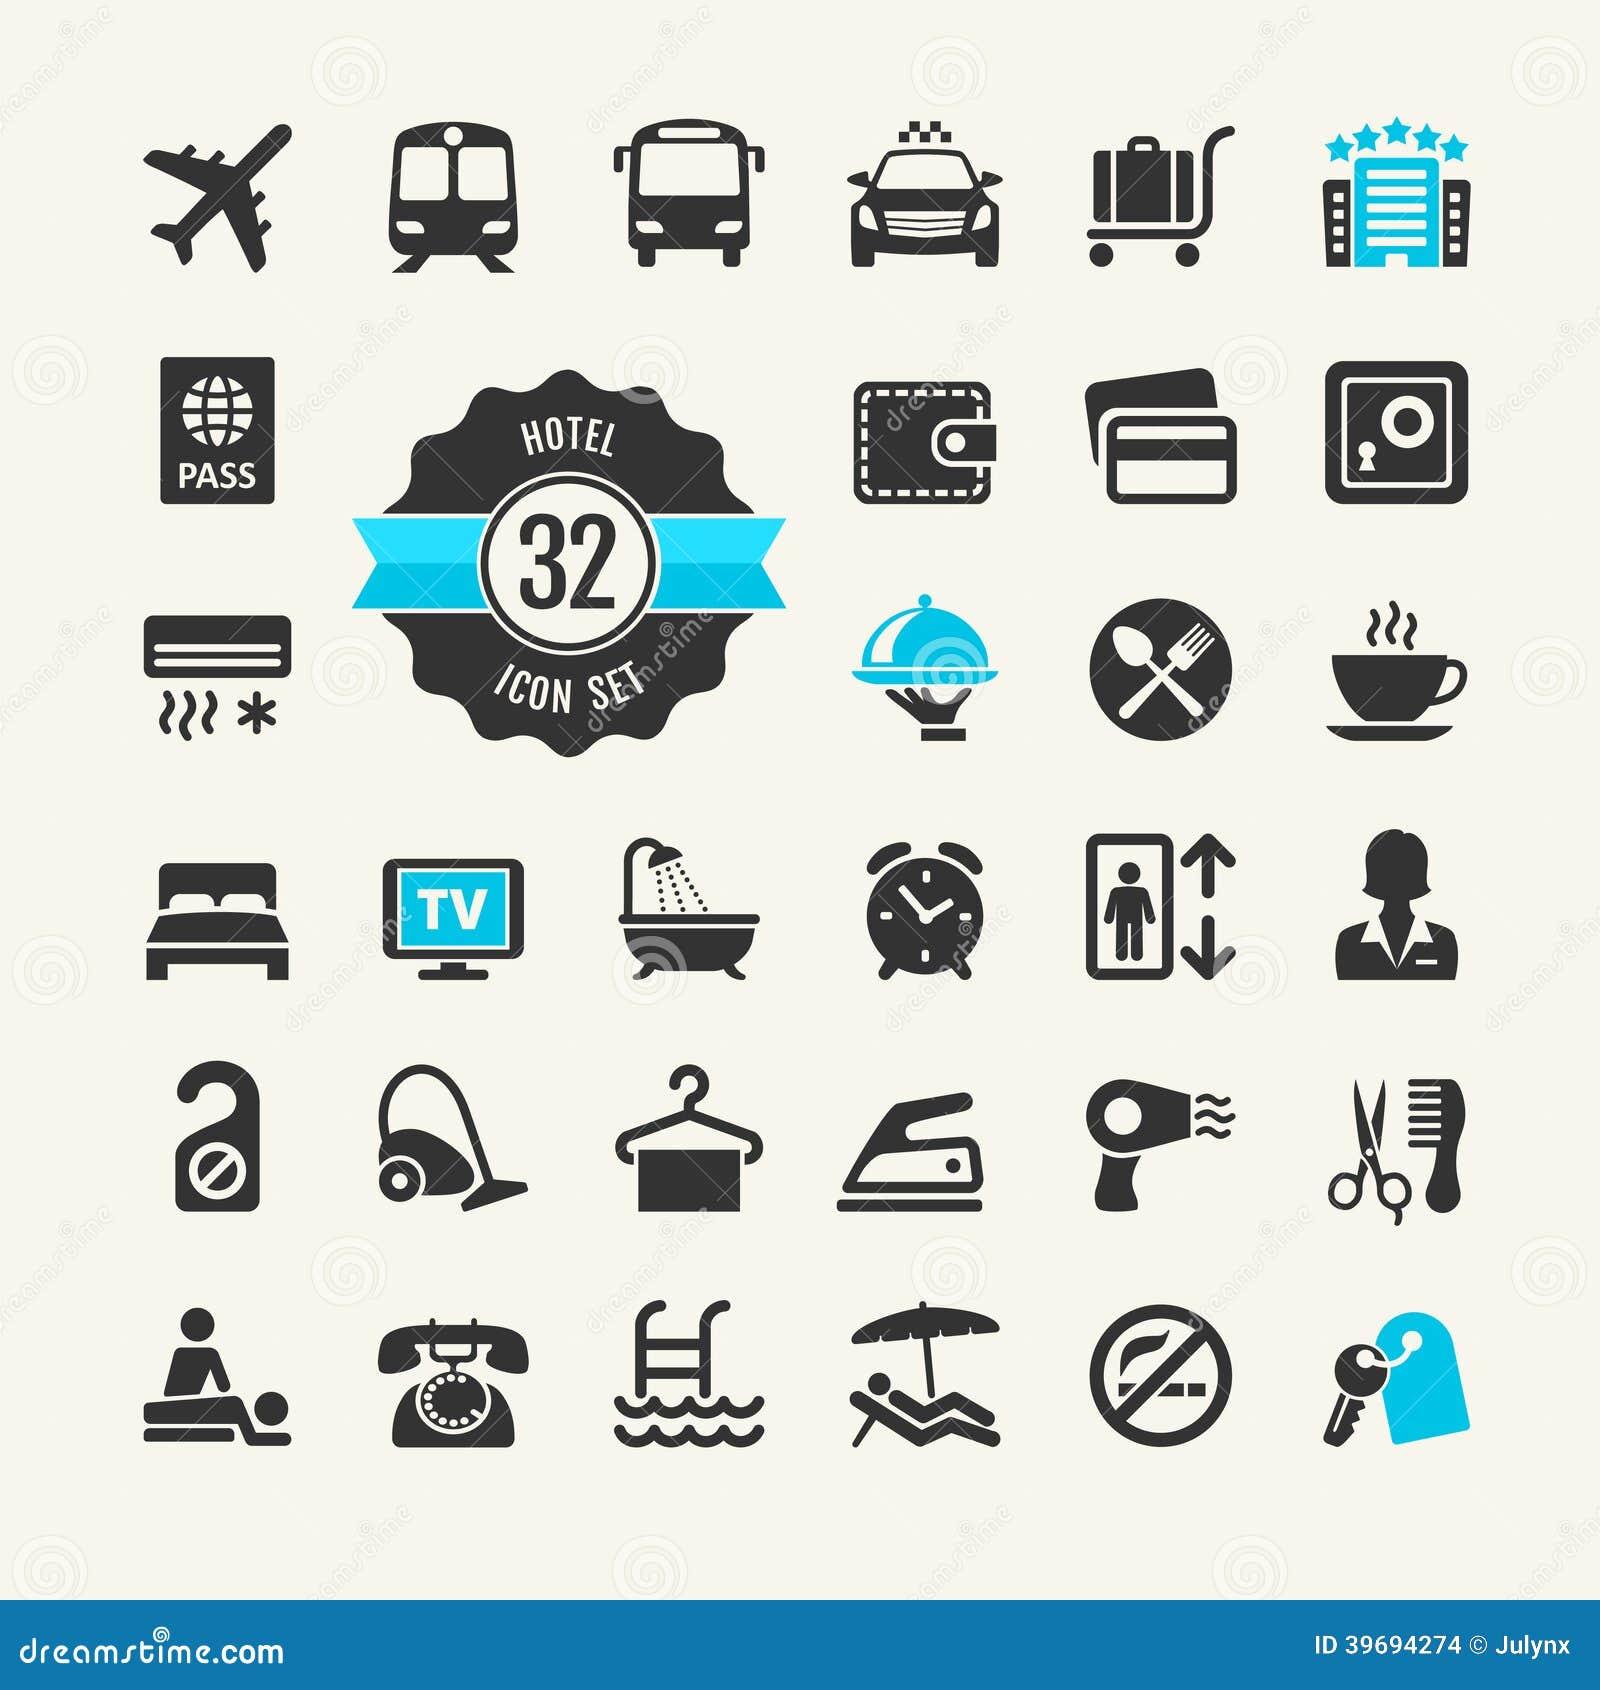 Hotelowy sieci ikony set